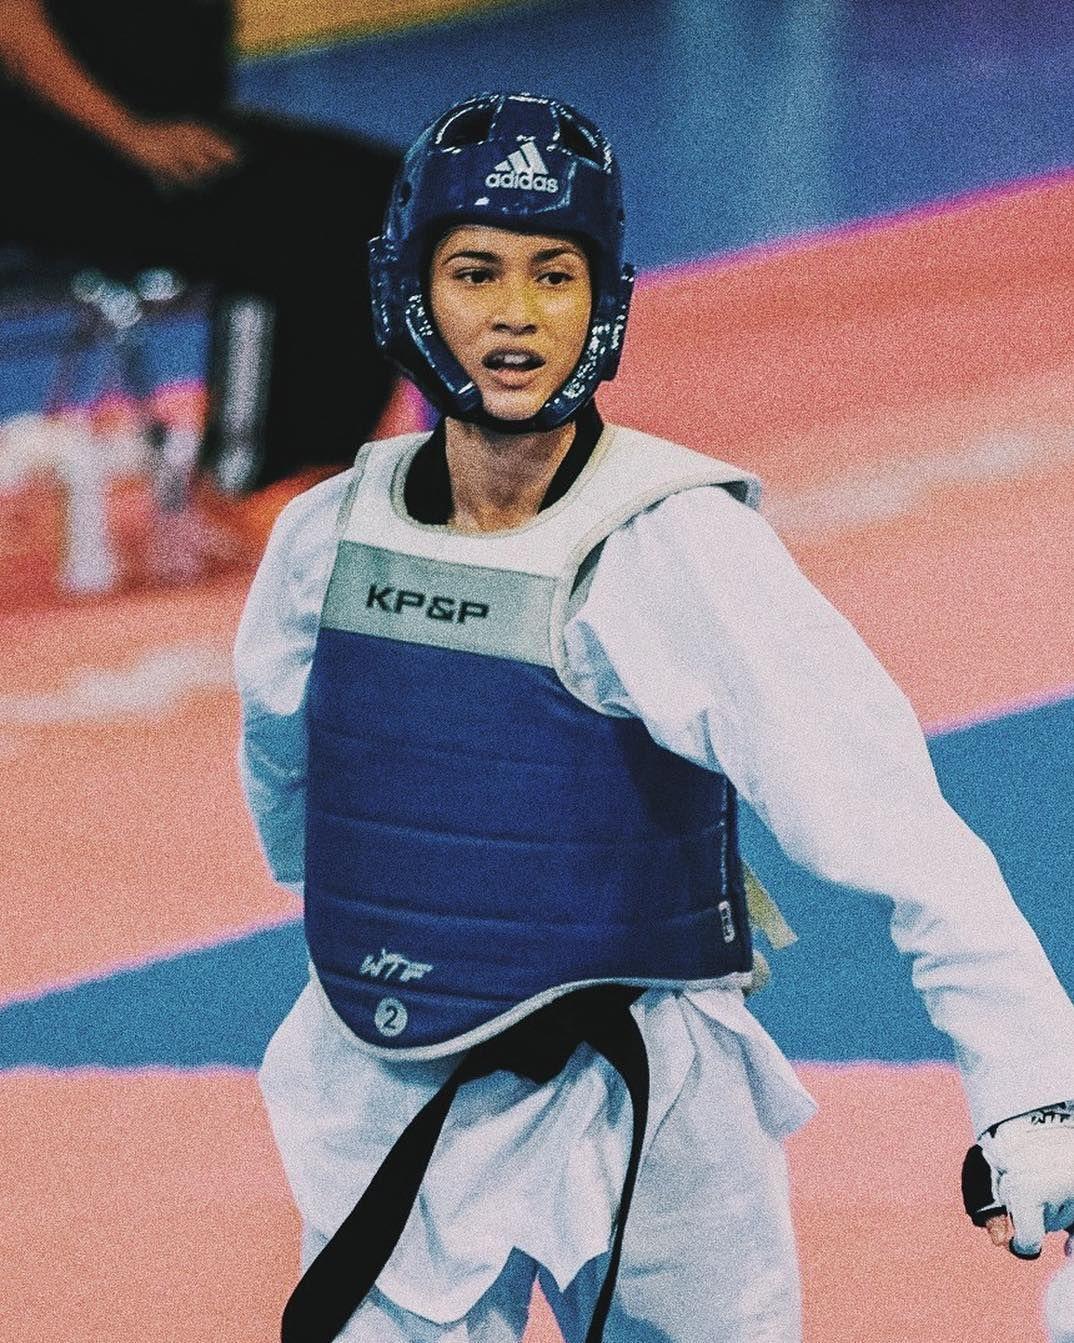 7 Fakta Perjalanan Karier Aghniny Haque, dari Atlet Jadi Aktris